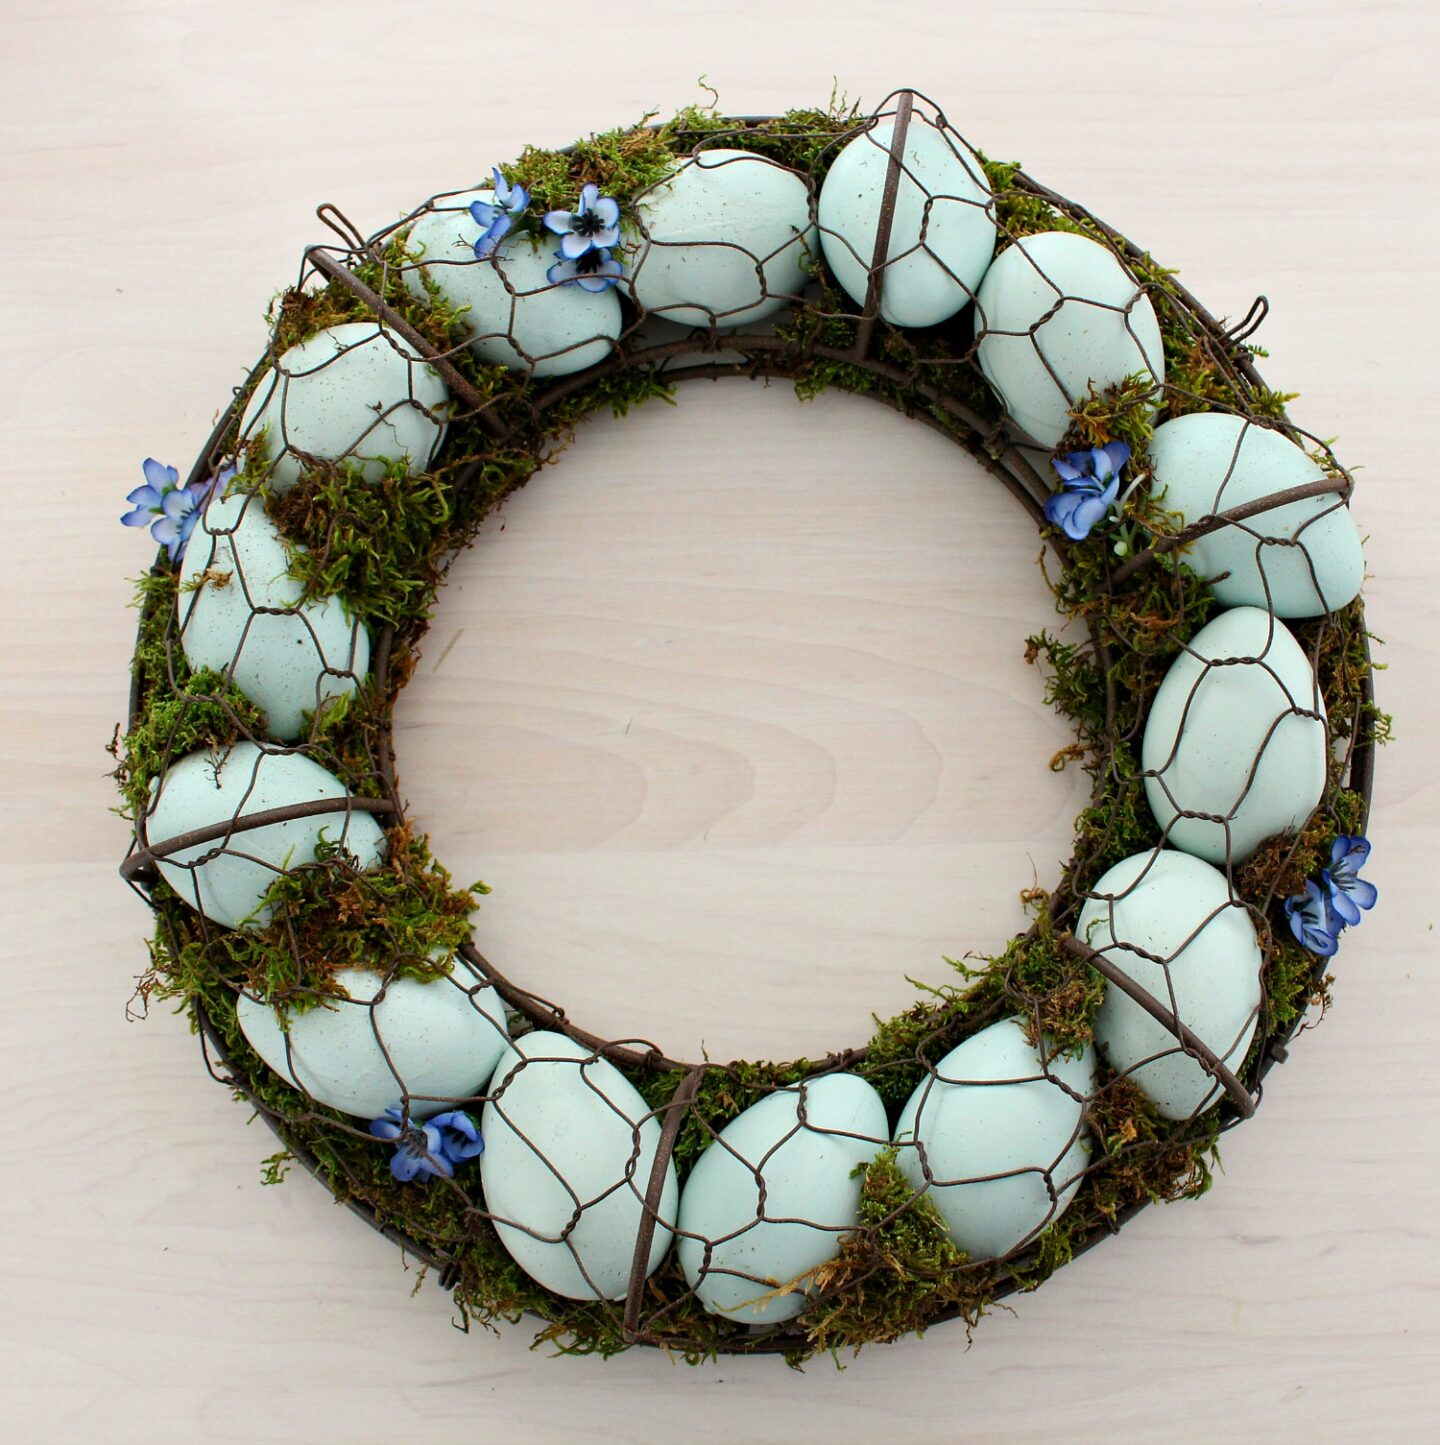 DIY Egg Wreath Idea for Spring